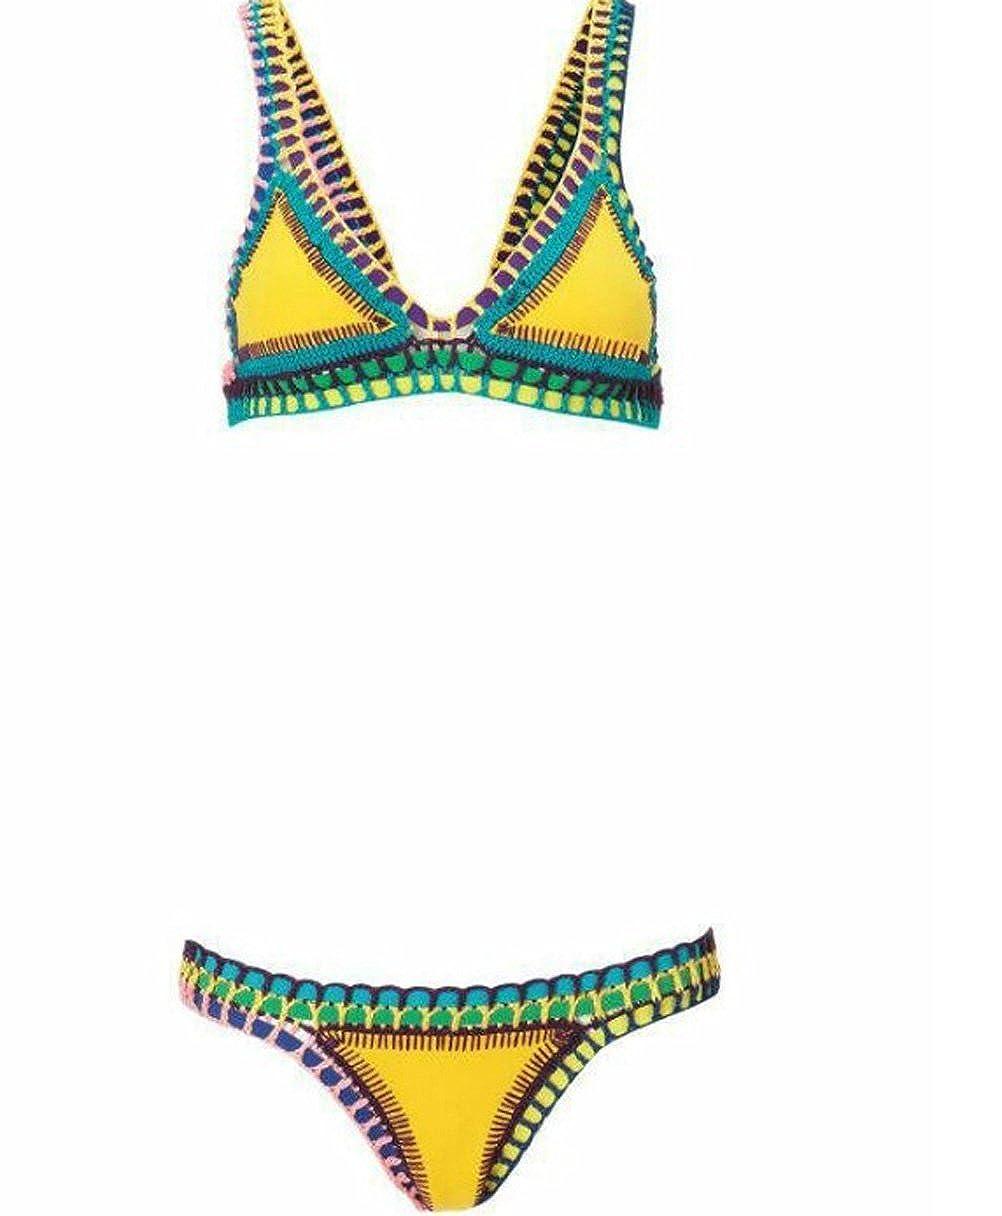 e45e333f48f77 DPWELL Women s Crochet Knitted Triangle Bandage Bikini Set Neoprene Push UP  Bra Swimwear Swimsuit (Large